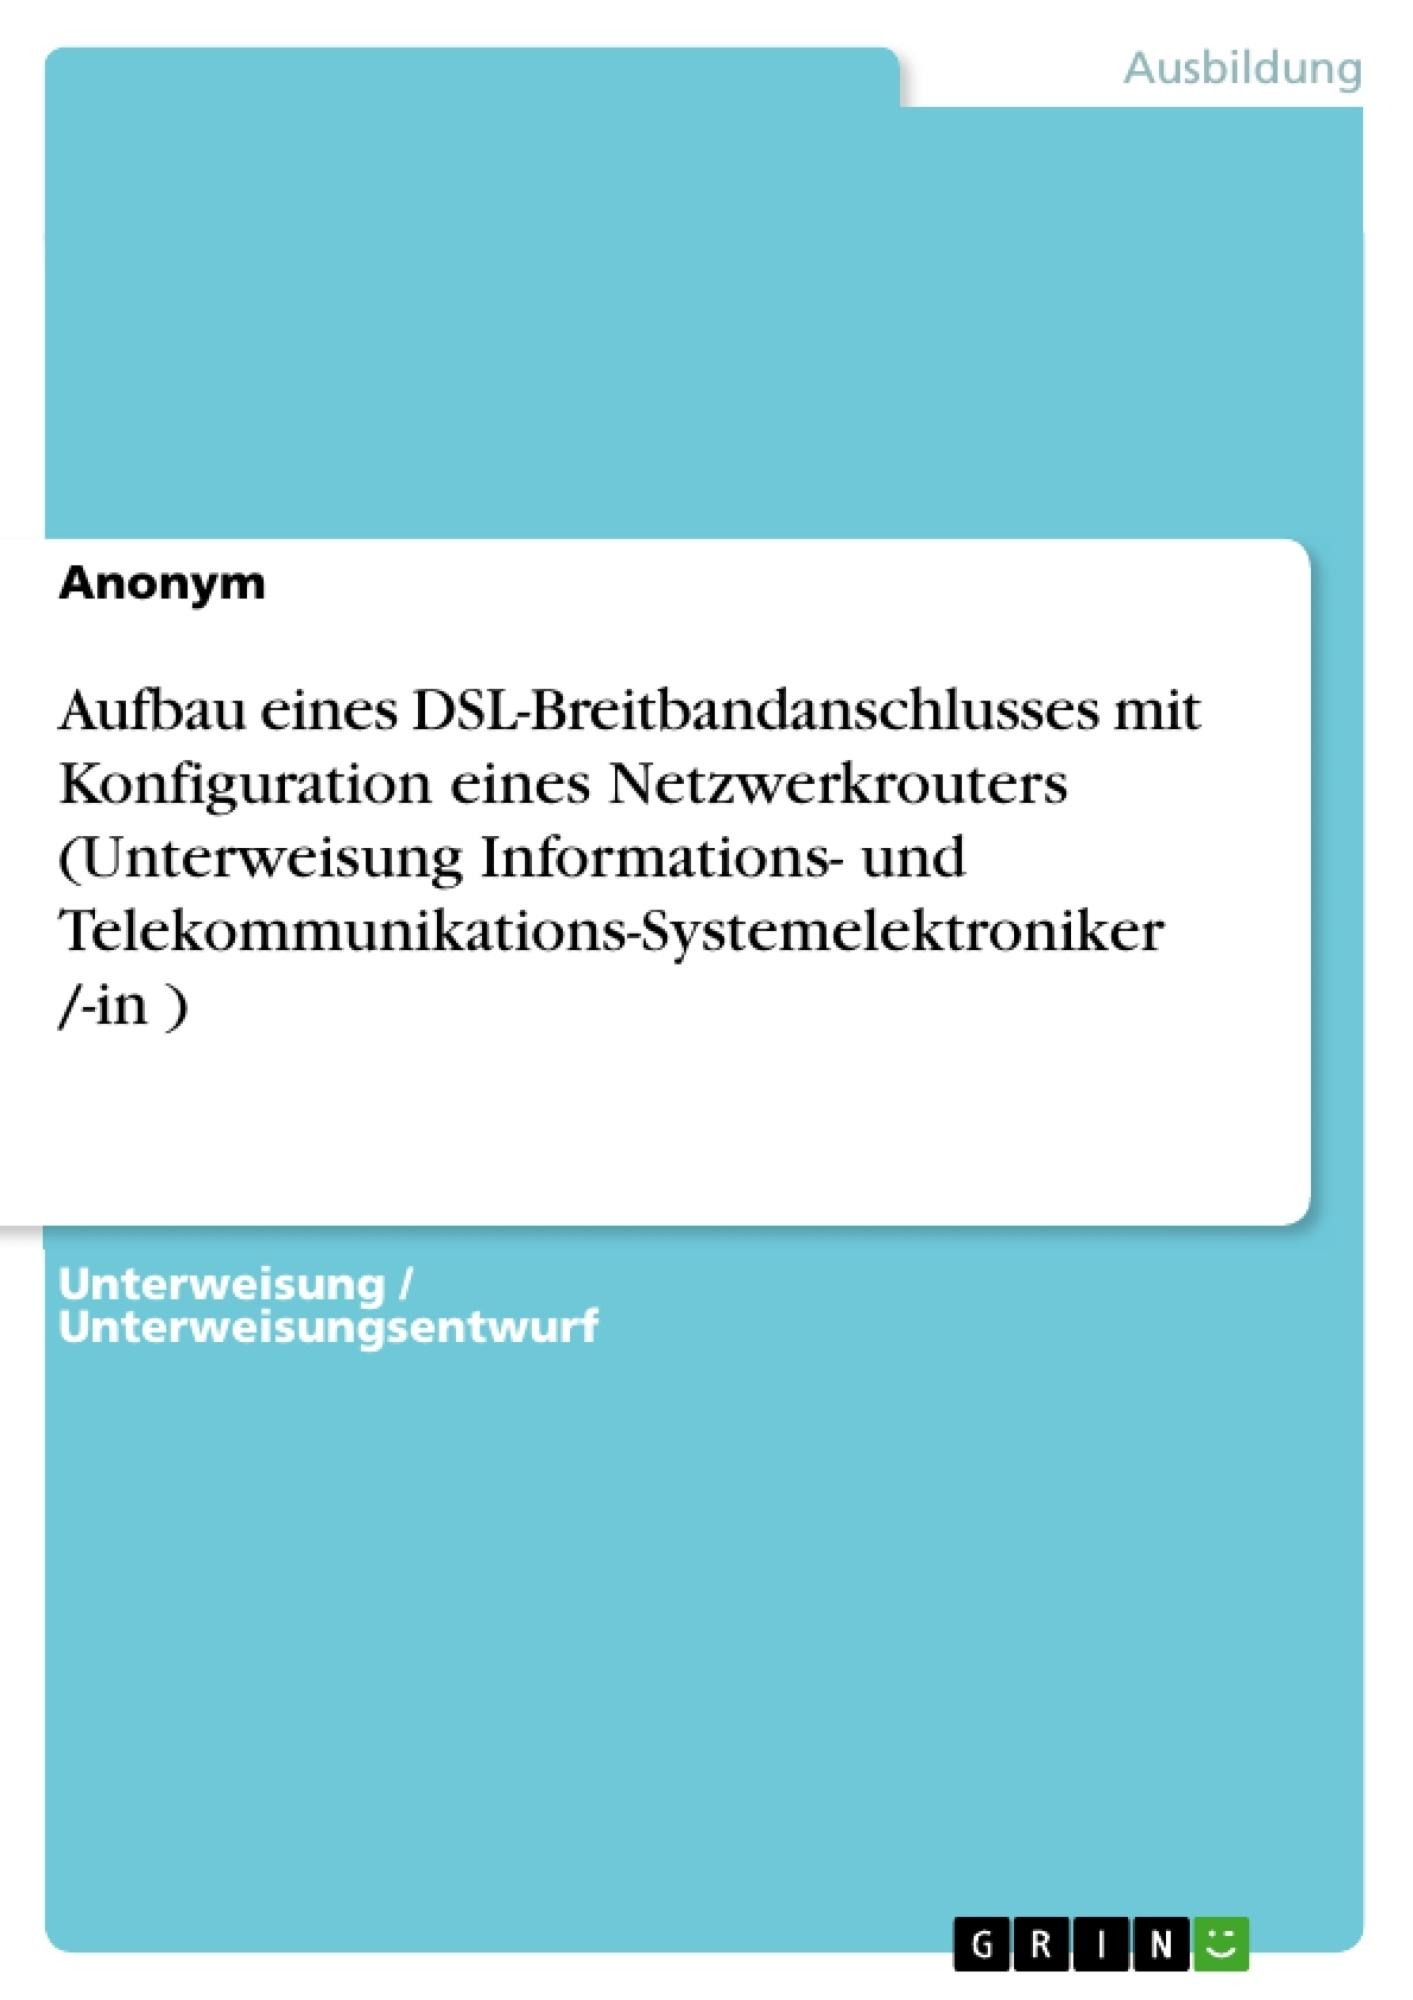 Titel: Aufbau eines DSL-Breitbandanschlusses mit Konfiguration eines Netzwerkrouters (Unterweisung Informations- und Telekommunikations-Systemelektroniker /-in )